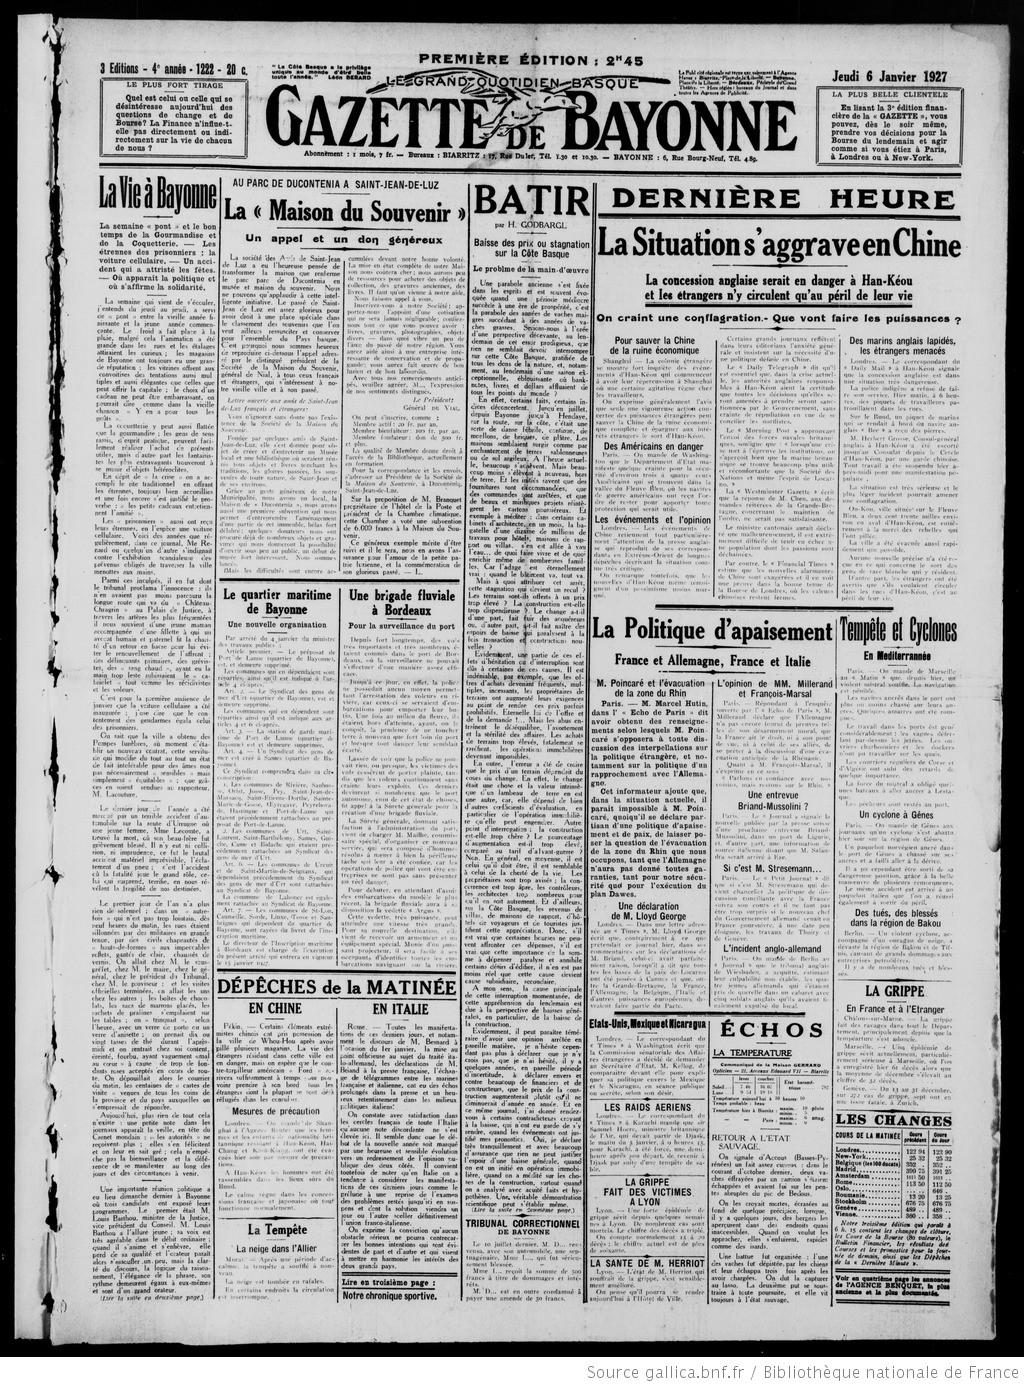 Basque 01 Gallica De Gazette 1927 06 Du Pays Et Bayonne Biarritz qYxdwvxU8